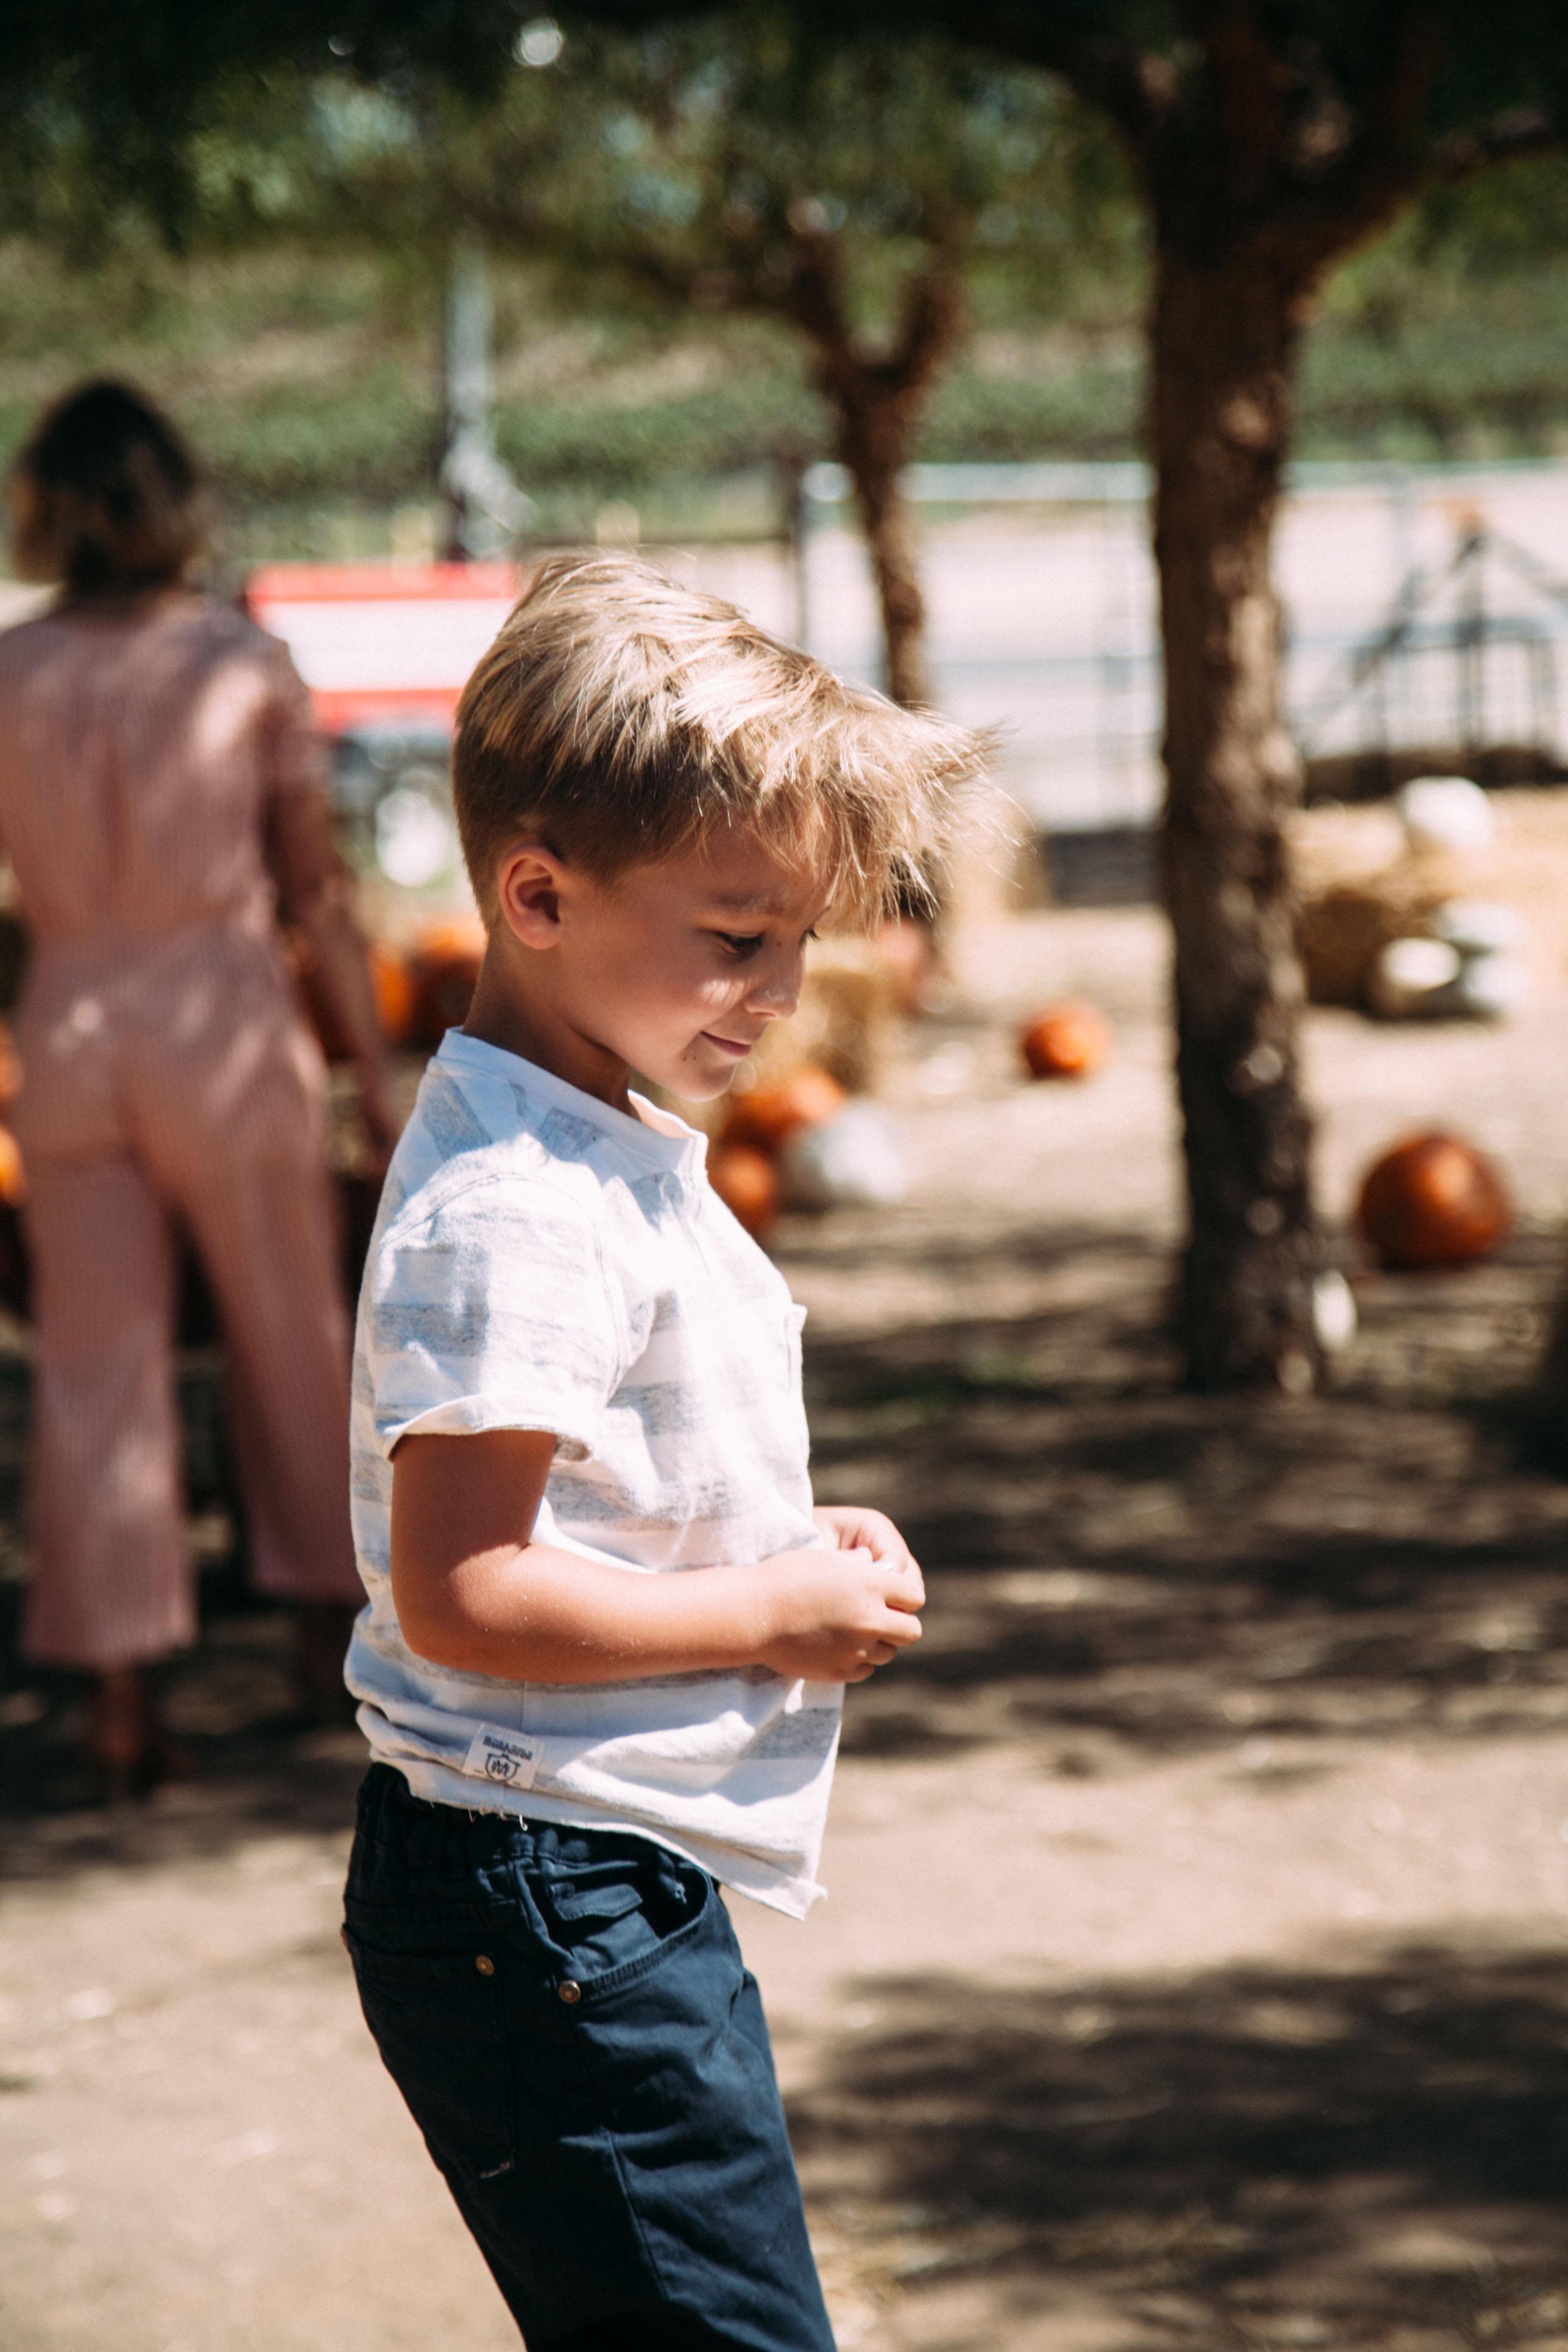 Pumpkin Patching at Peltzer Farms